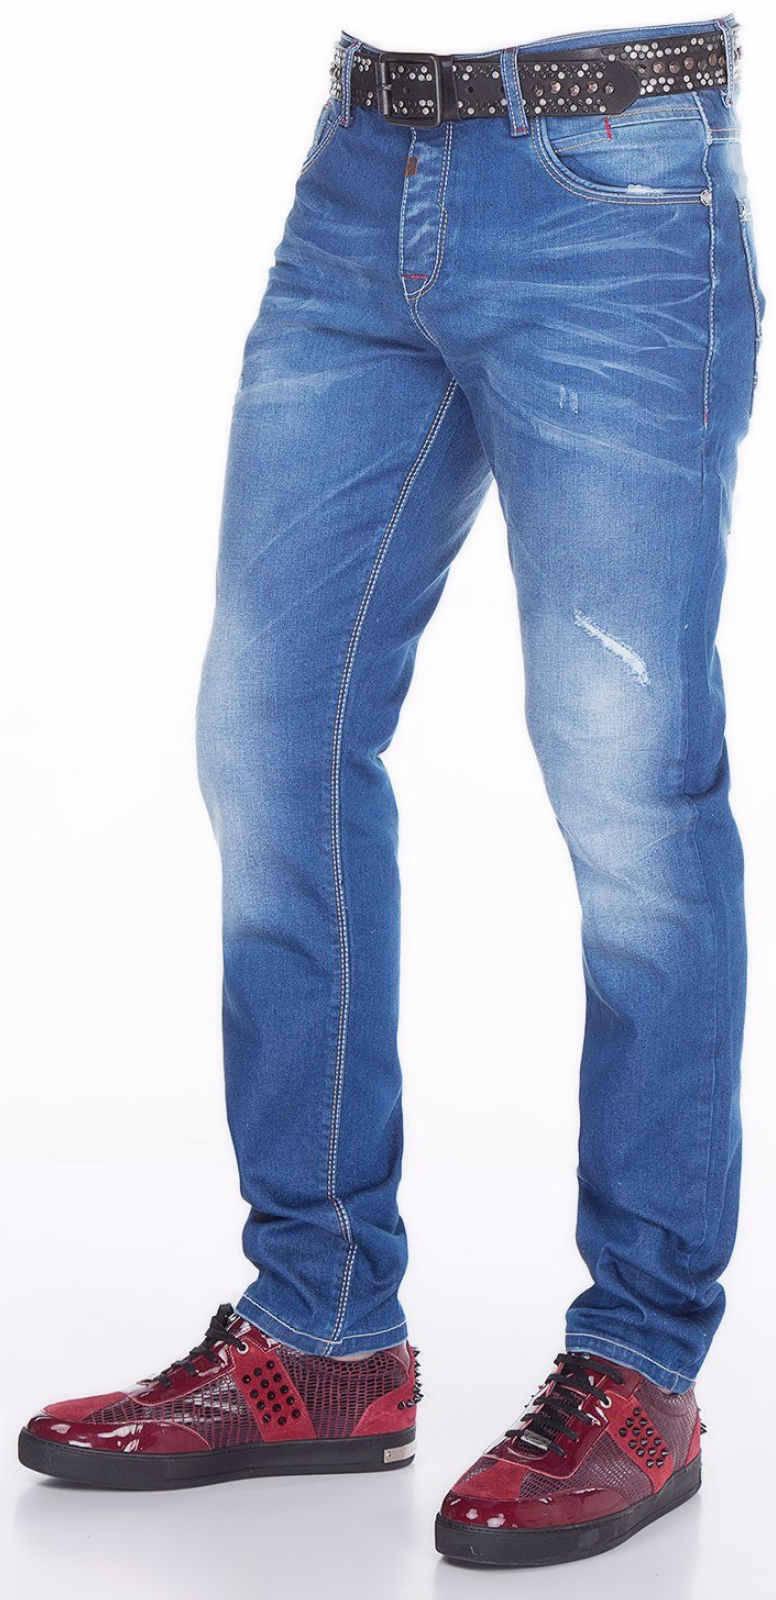 CIPO-amp-BAXX-Herren-Jeans-CD386-NEU-Hose-Slim-Fit-Enges-Bein-Denim-Stretch Indexbild 3